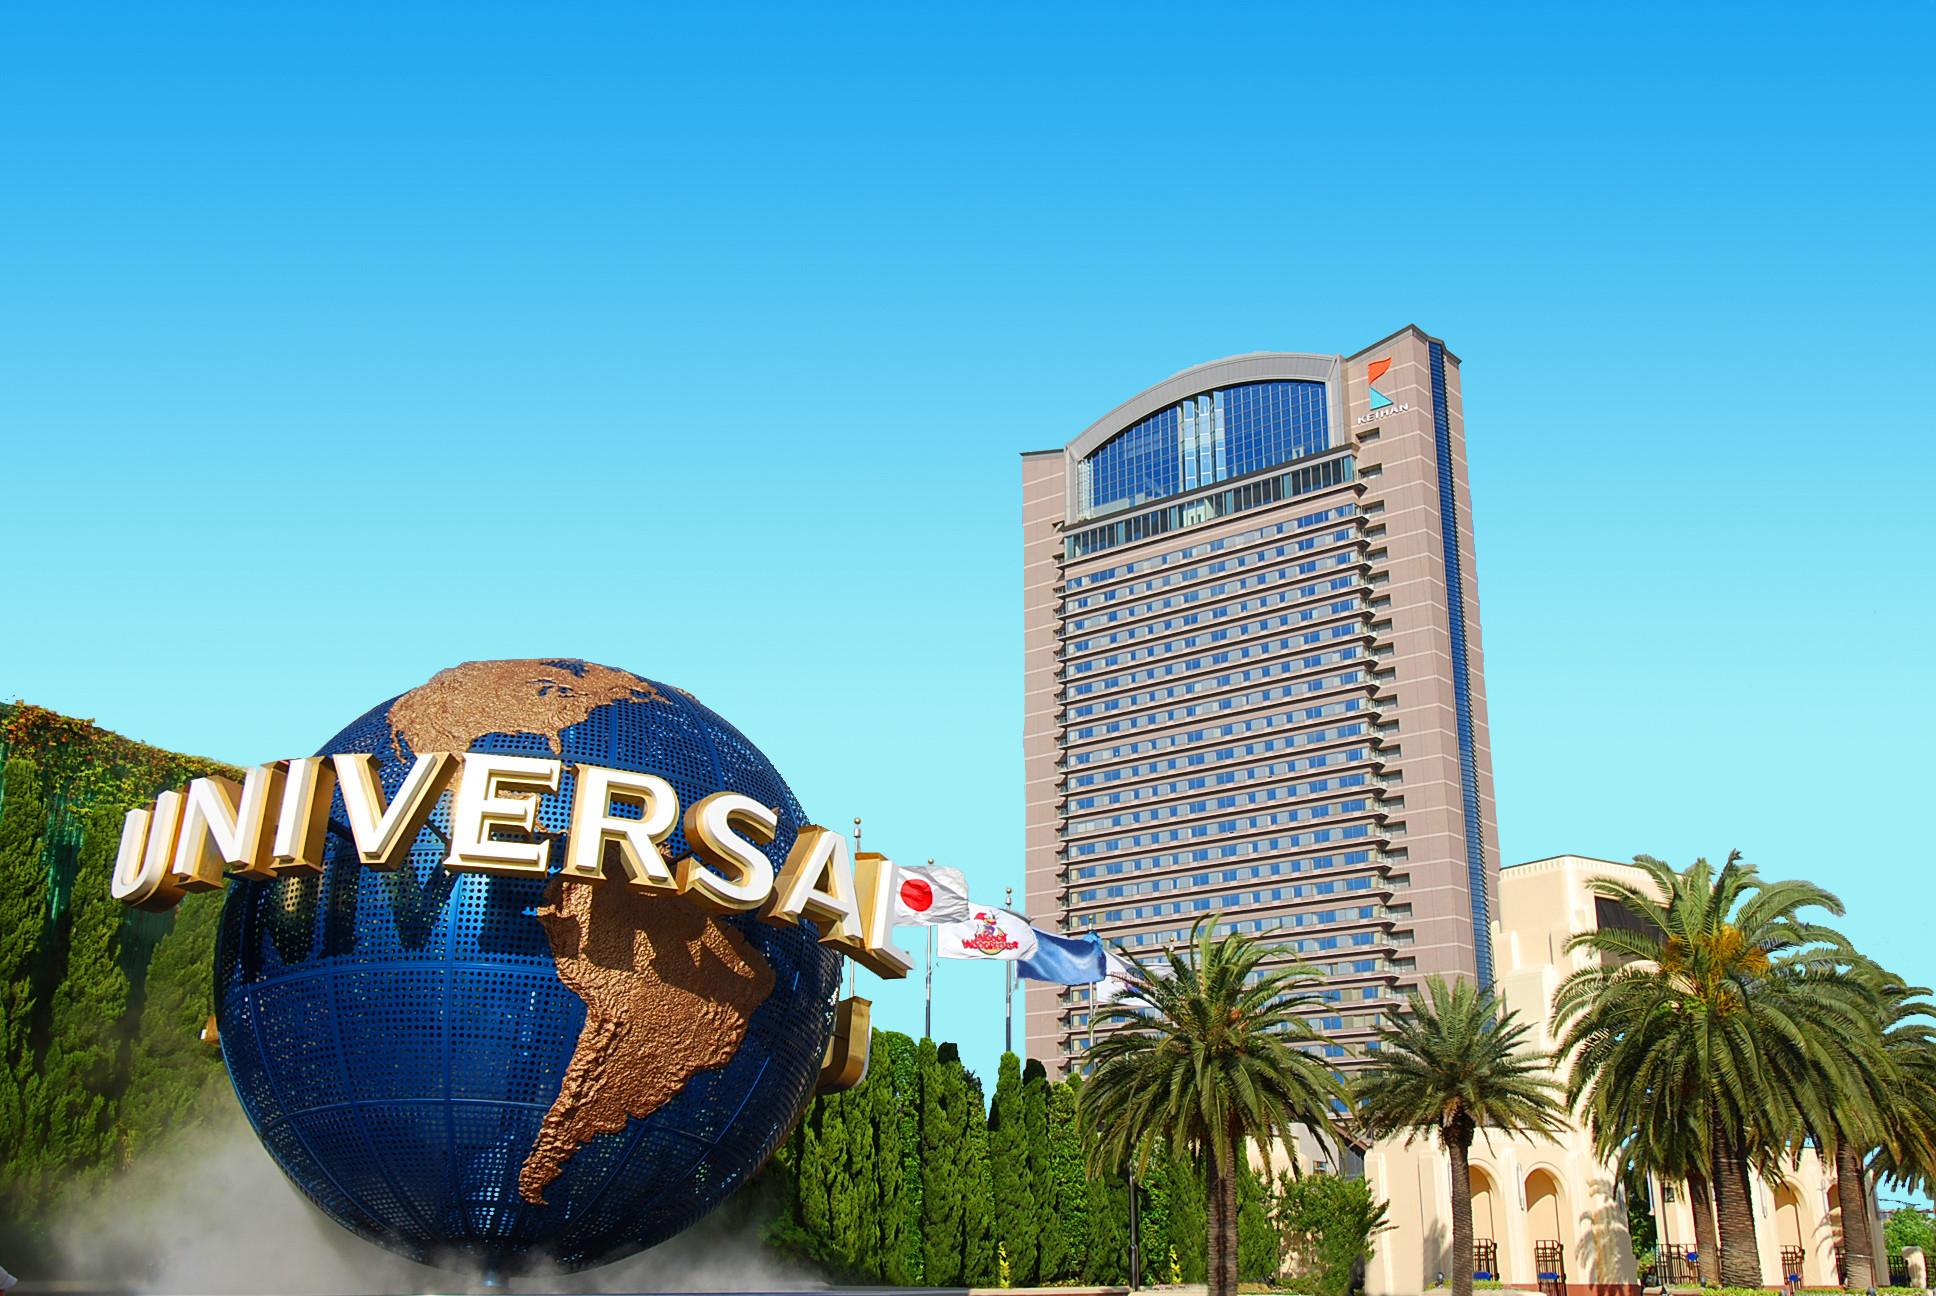 【ホテル京阪 ユニバーサル・タワー】お風呂重視派&カップルにオススメ!地域最大のUSJオフィシャルホテル